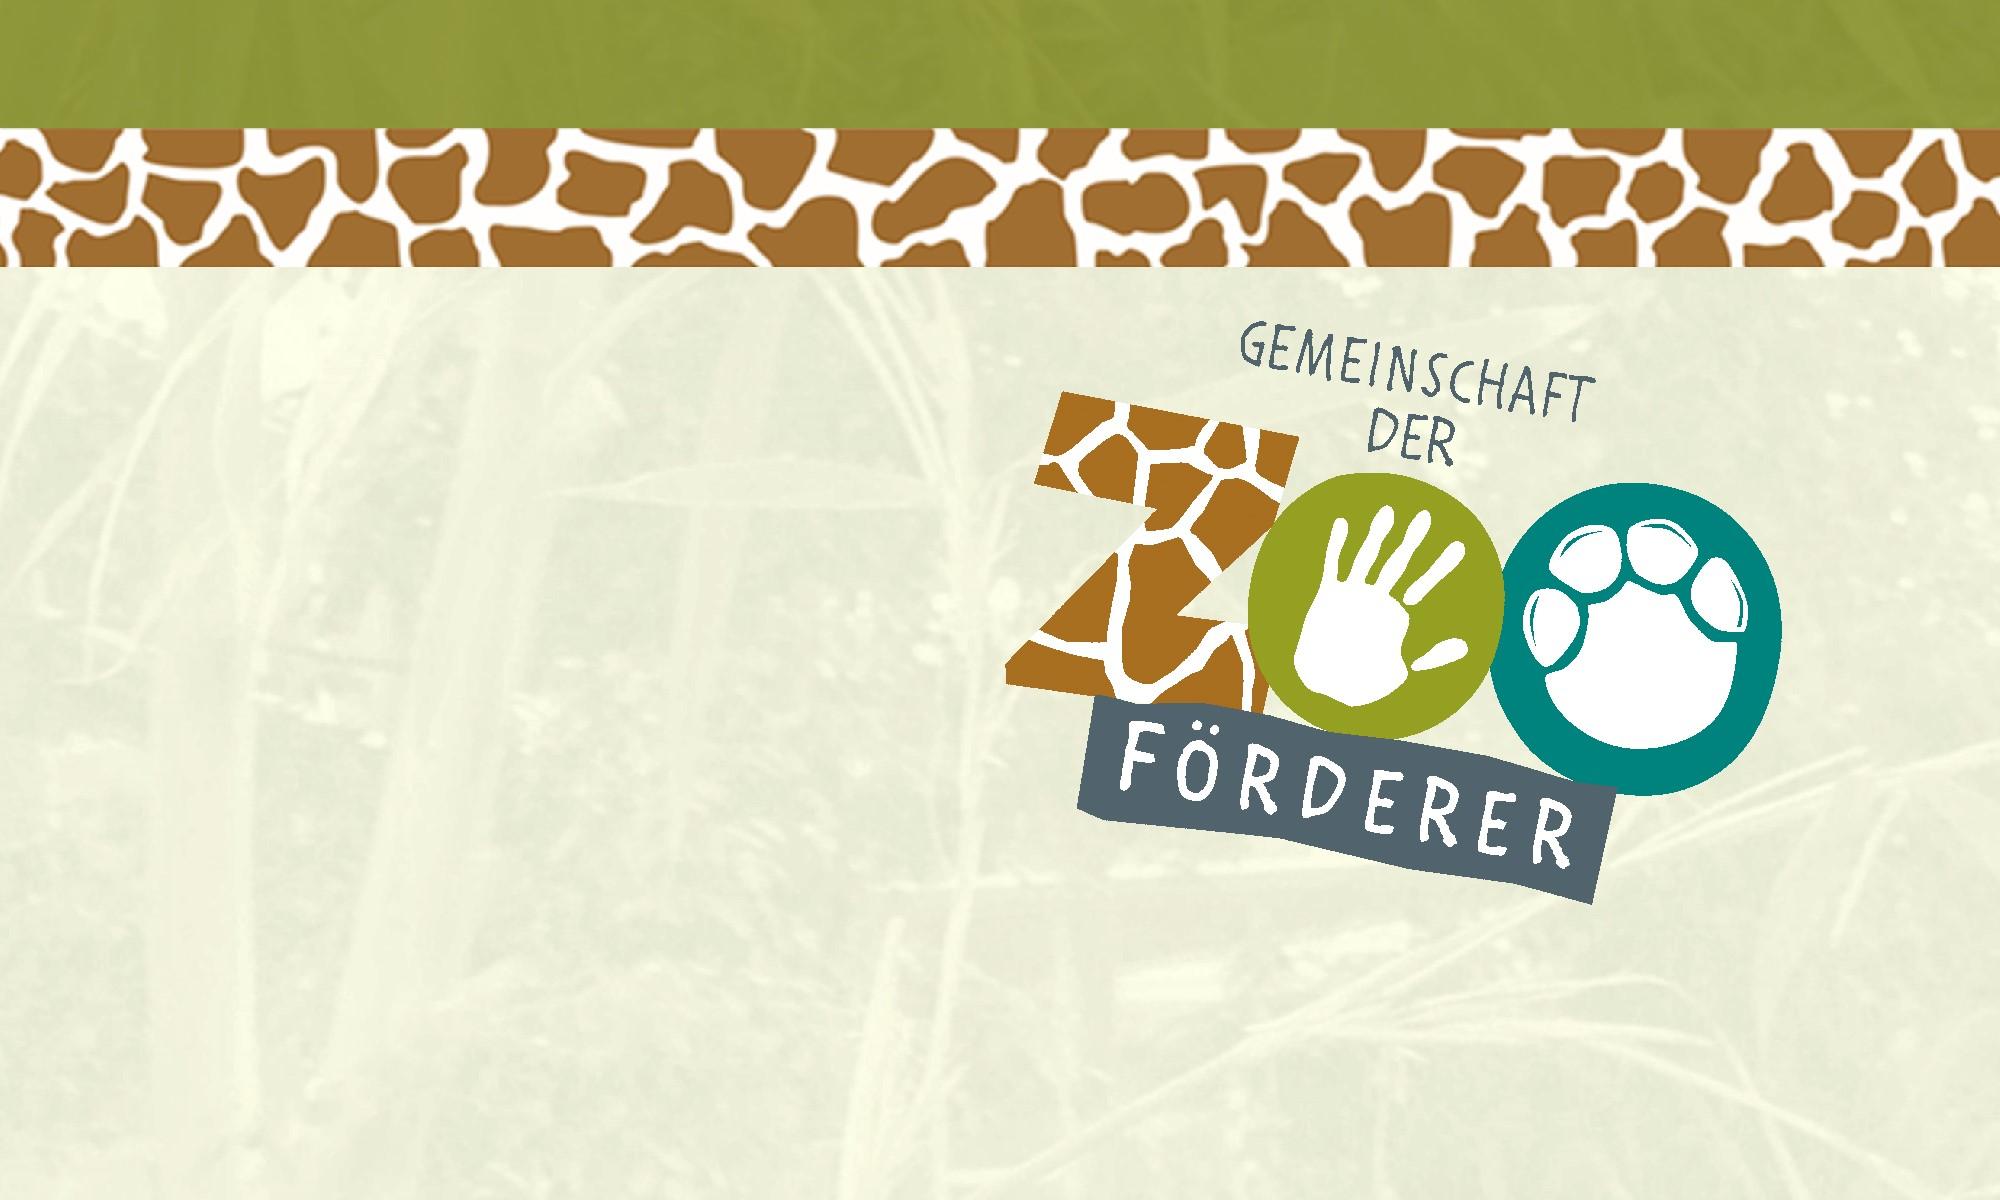 Gemeinschaft der Zooförderer e.V.